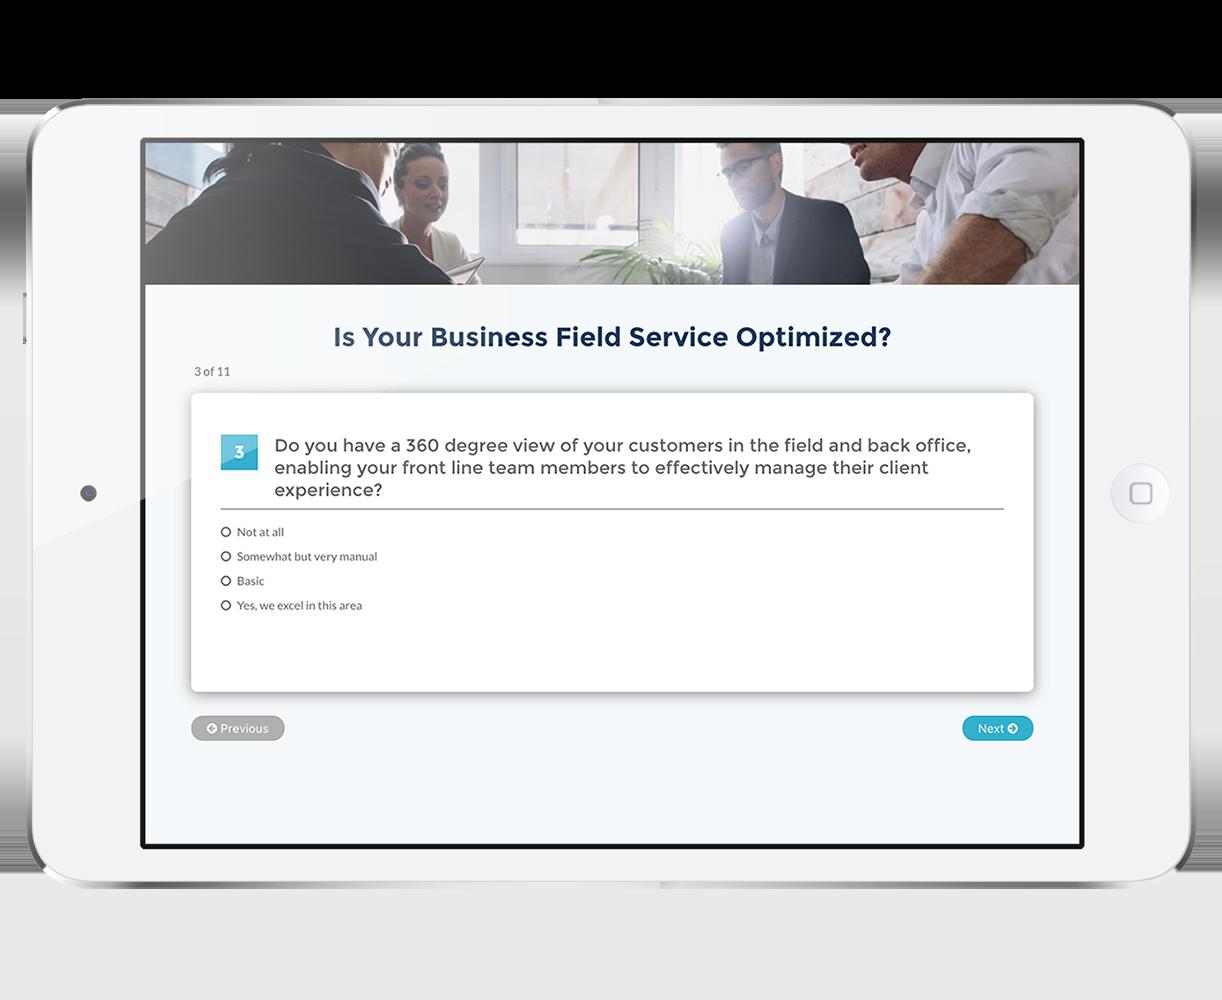 field-service-optimization-survey